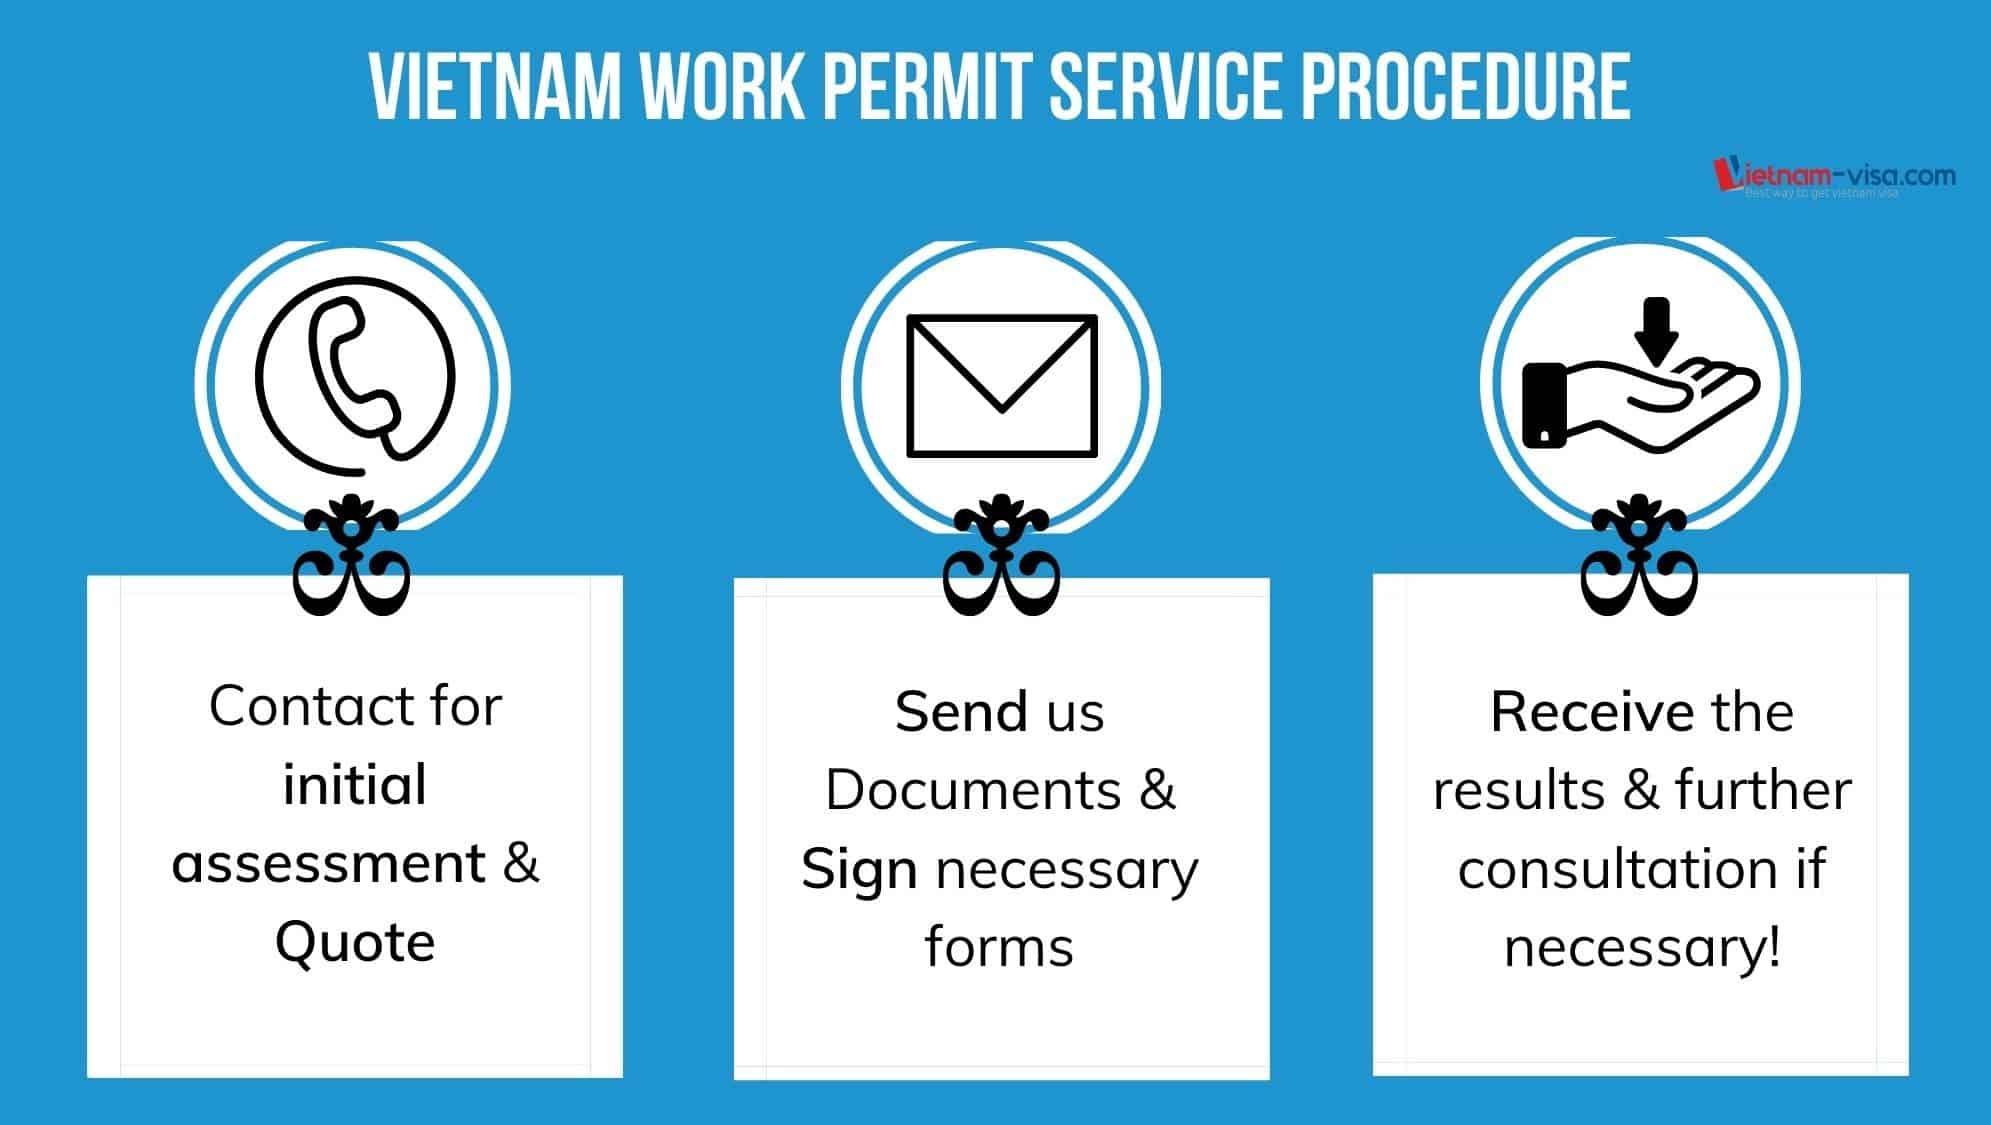 Vietnam work permit service procedure - Vietnam-visa.com